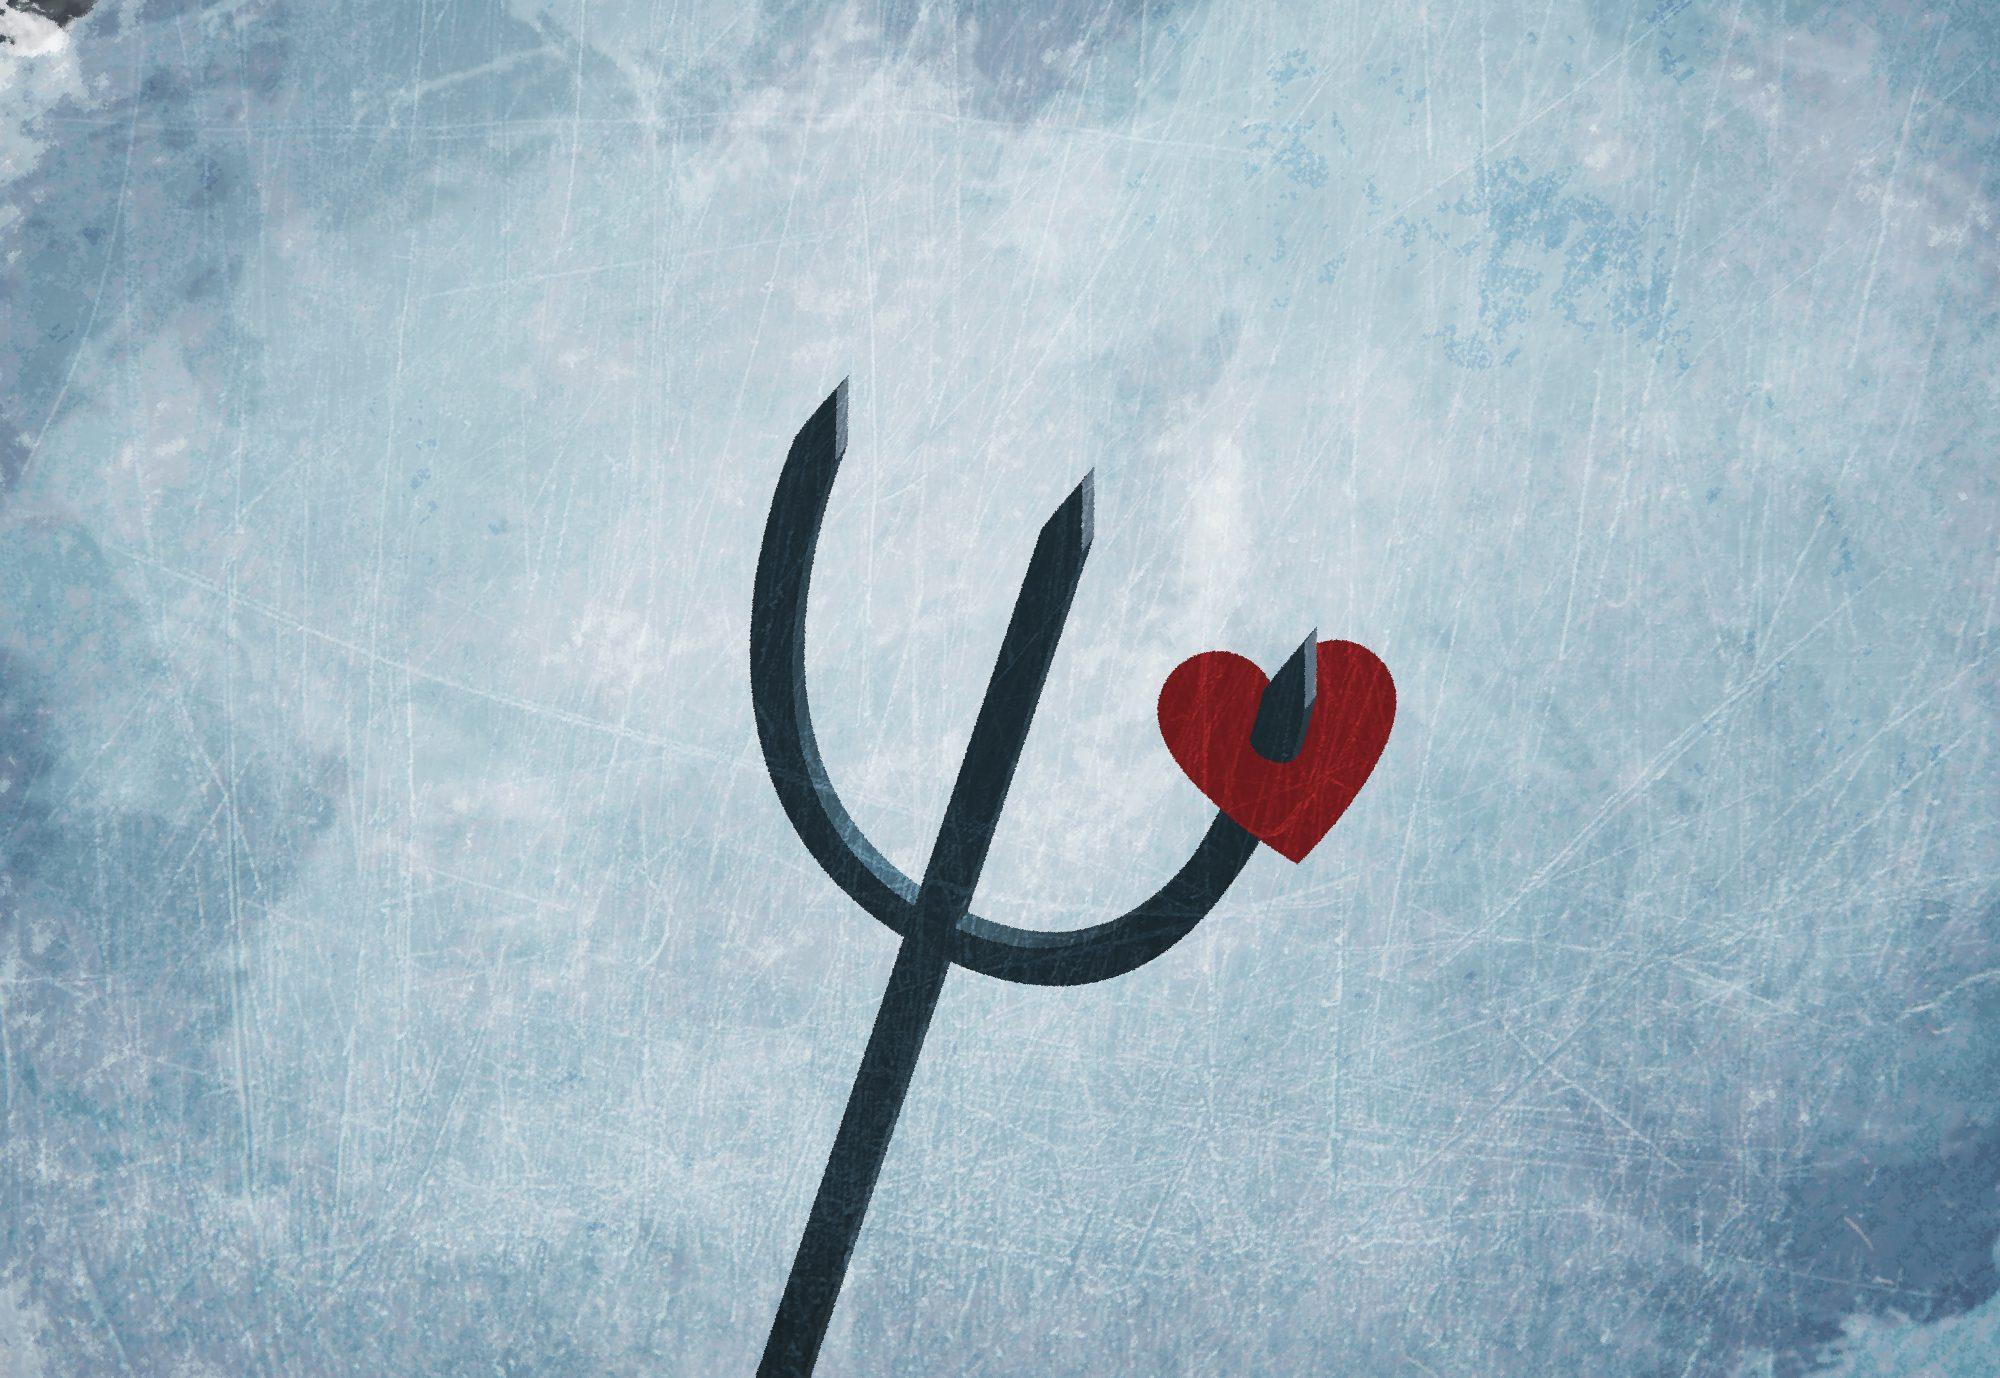 A heart on a pitchfork